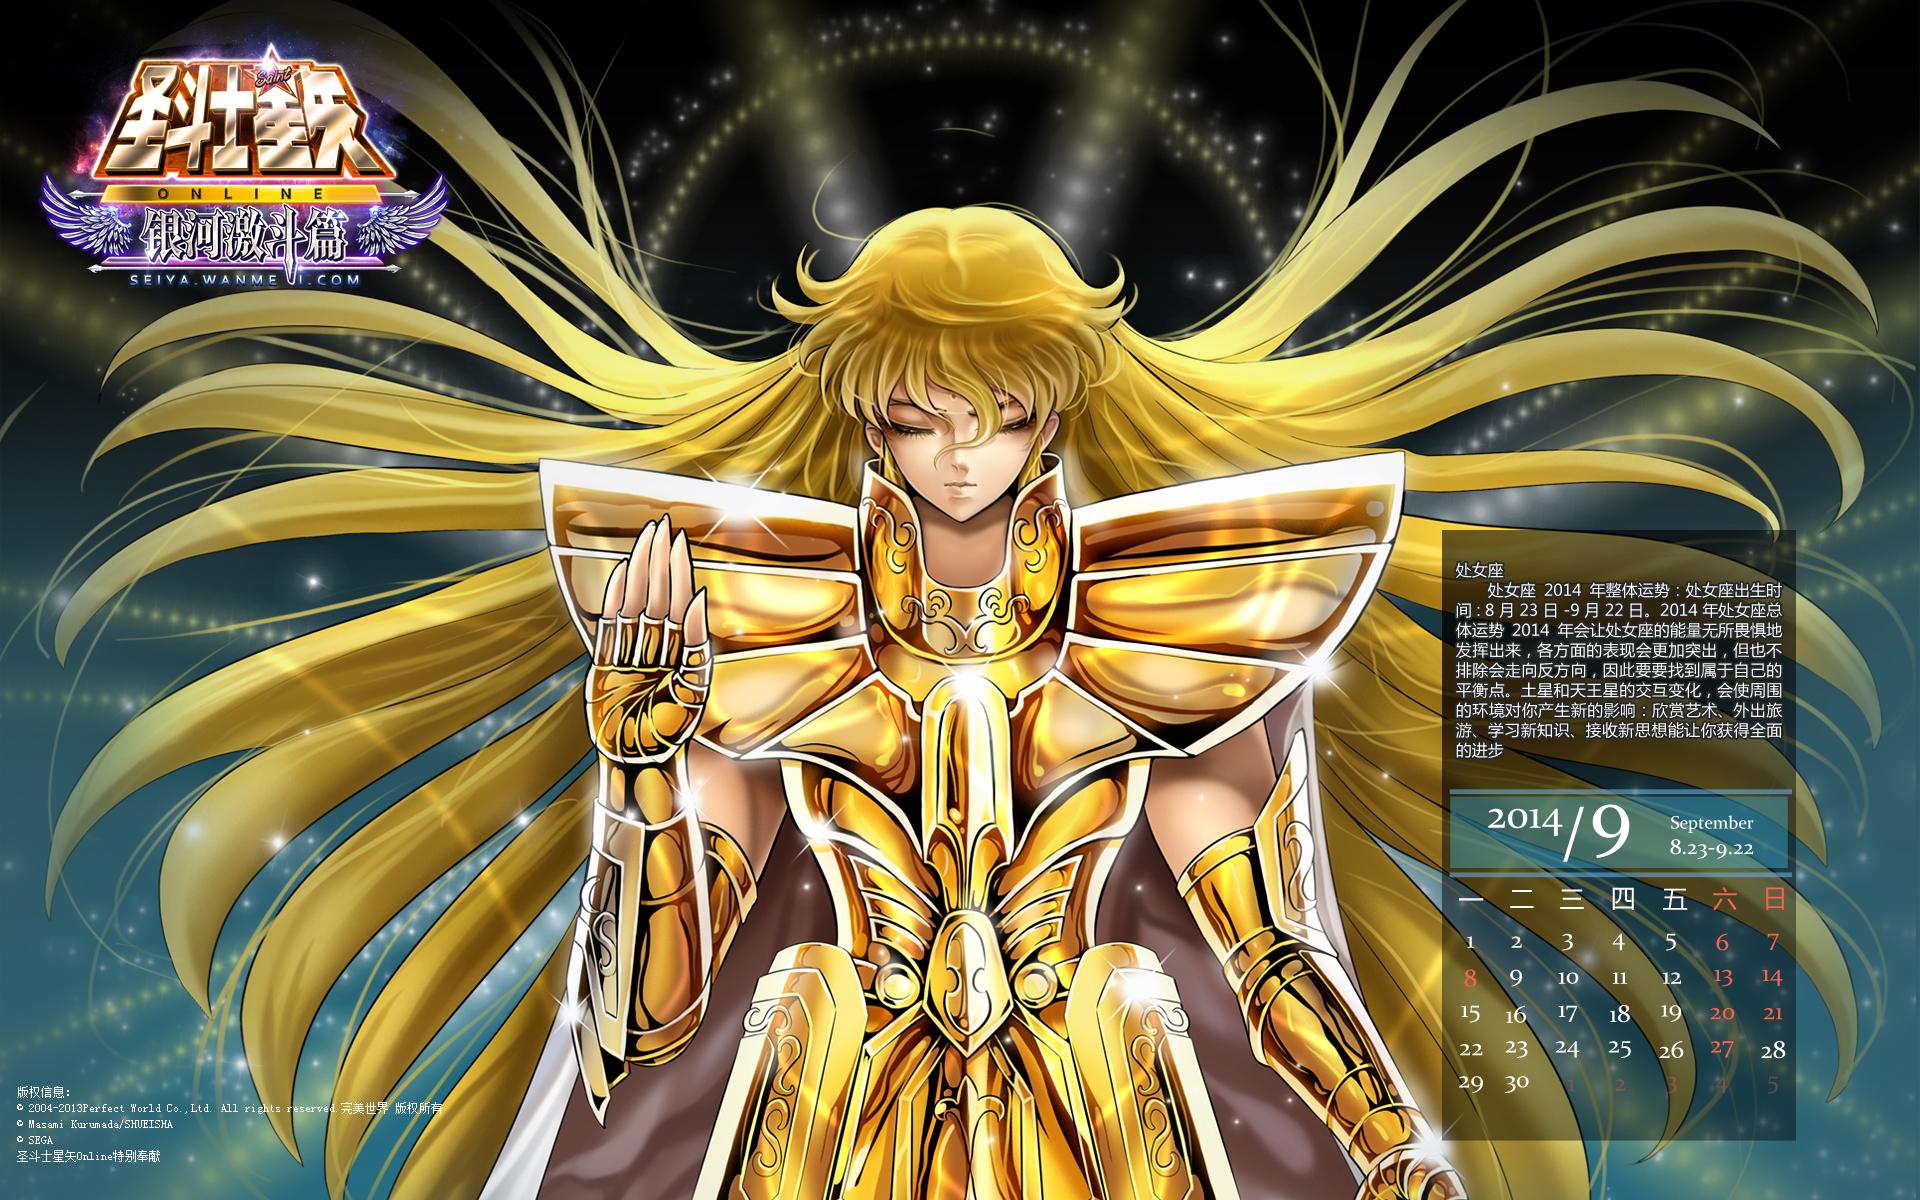 Virgo Shaka Saint Seiya Zerochan Anime Image Board